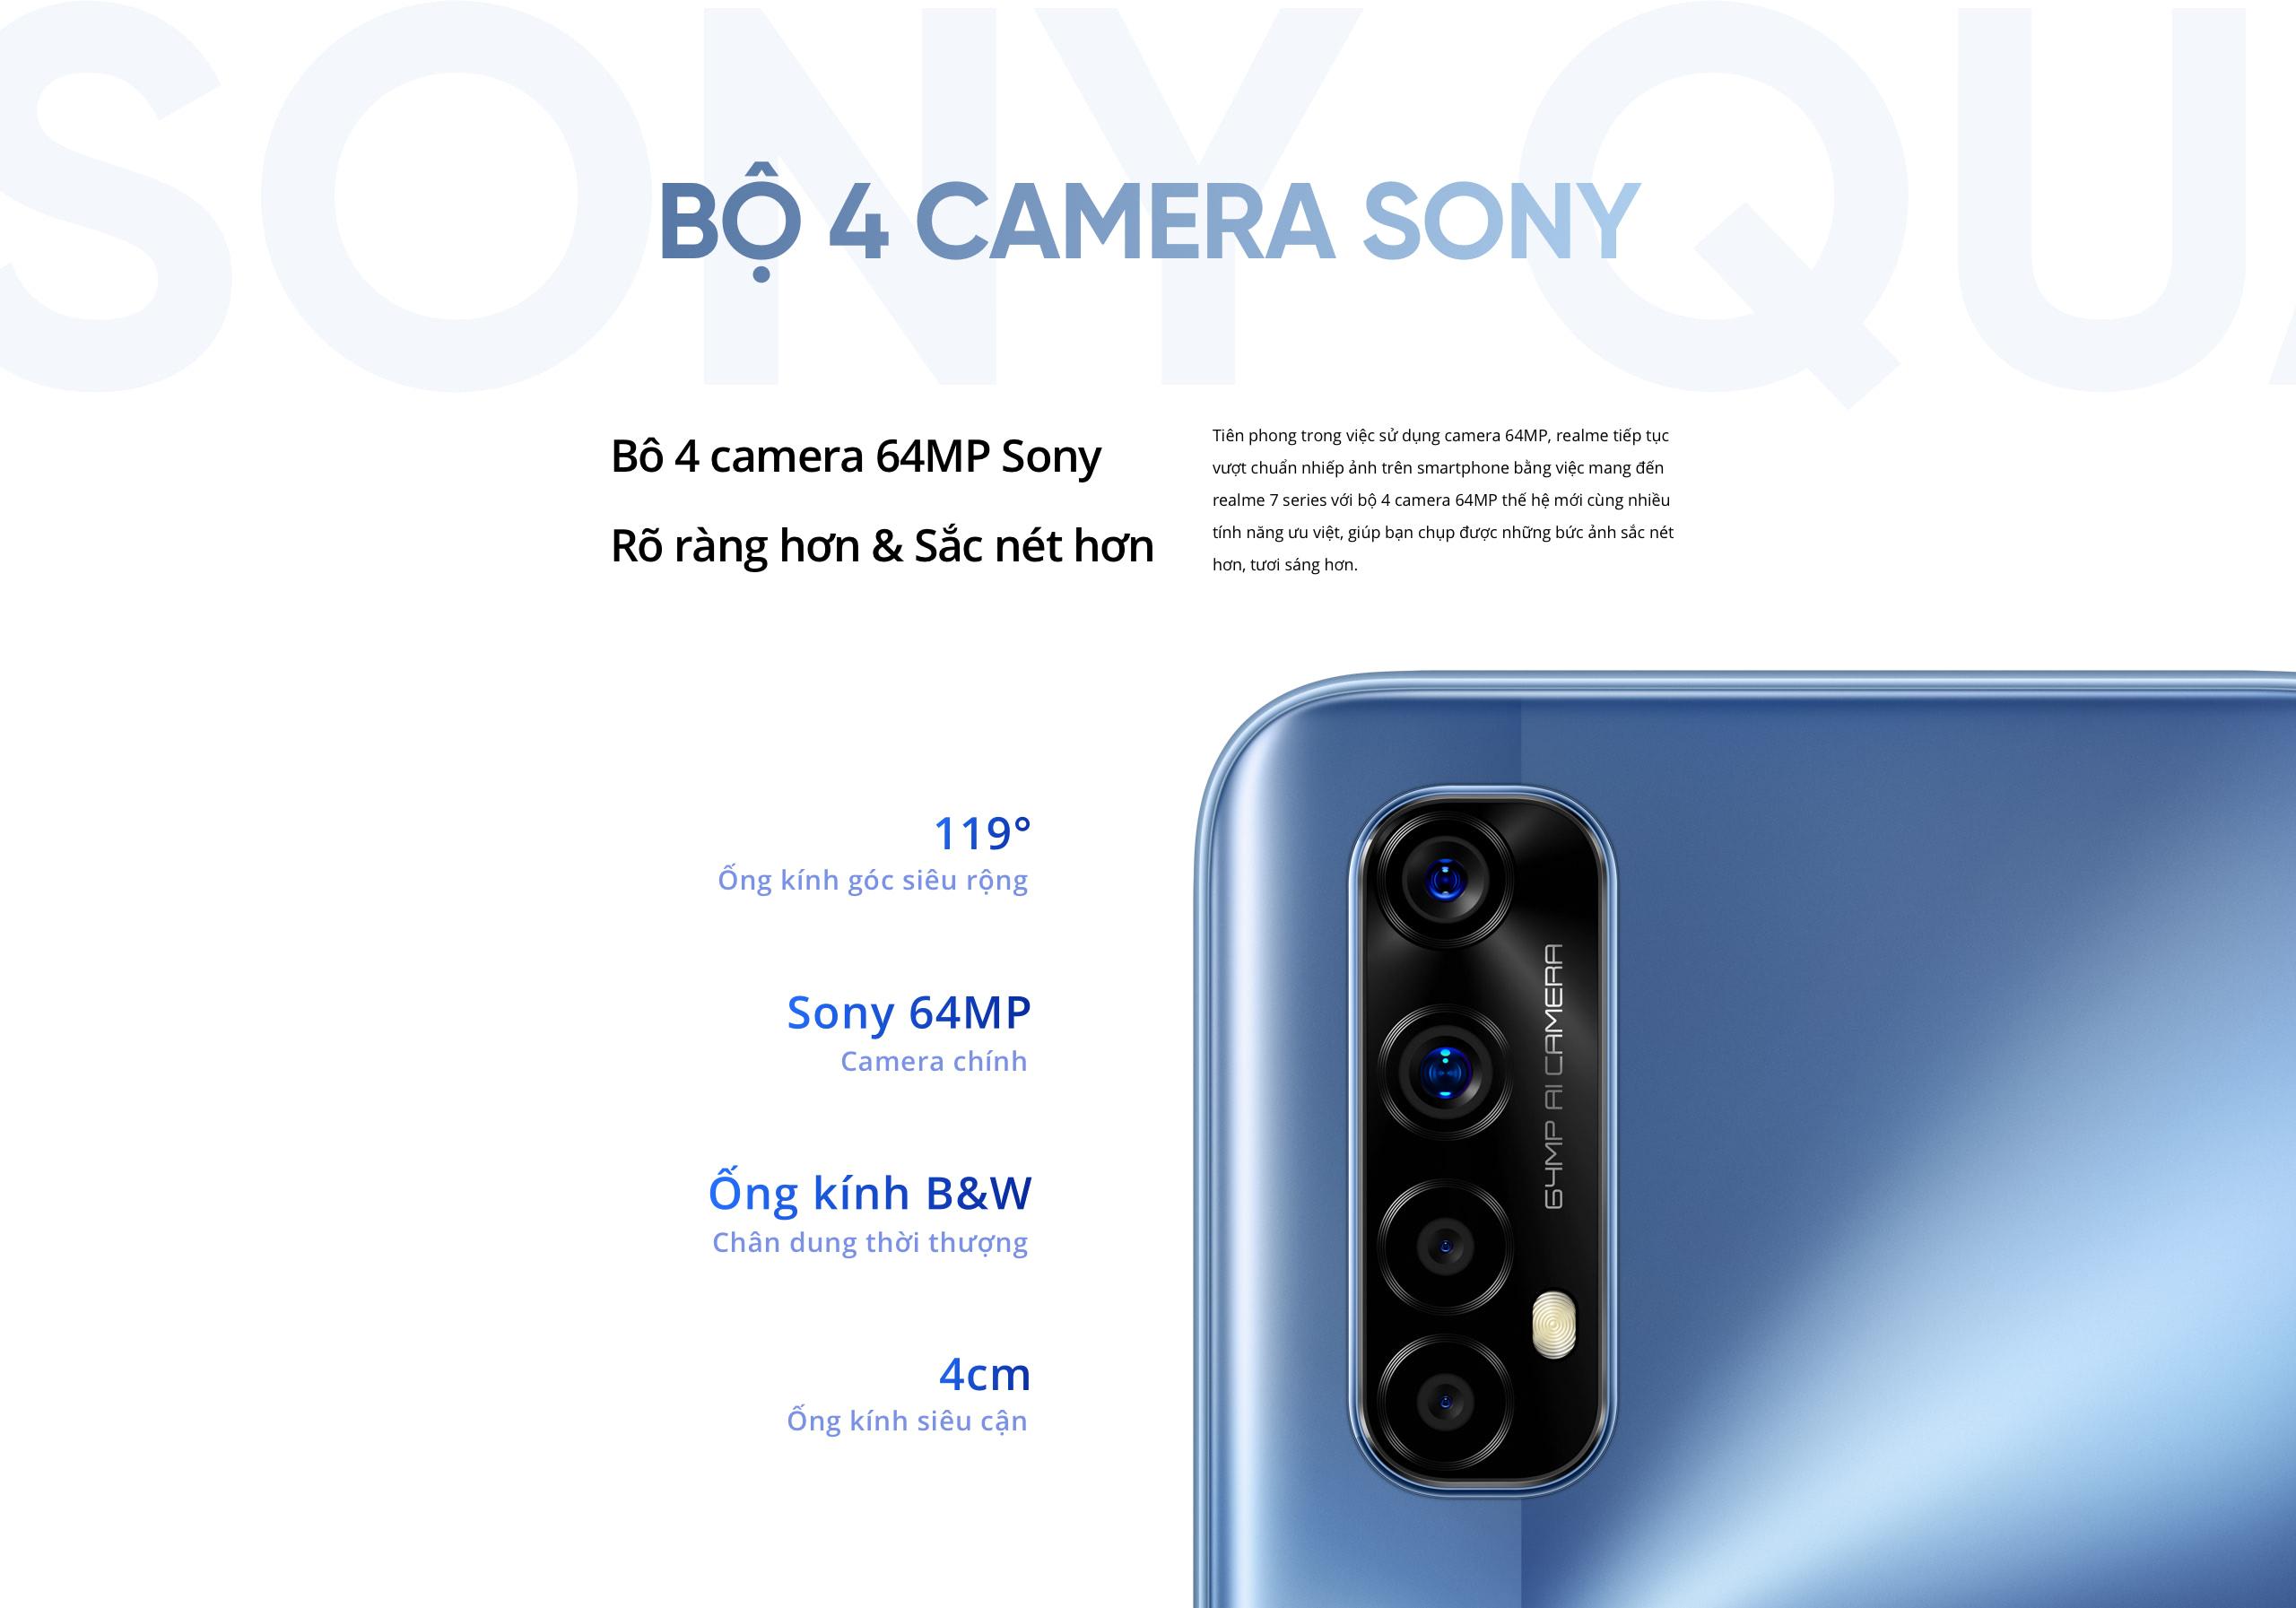 Sforum - Trang thông tin công nghệ mới nhất 9-1 Realme 7 và Realme 7 Pro ra mắt tại VN: Nhiều tính năng hấp dẫn, giá từ 6.99 triệu đồng